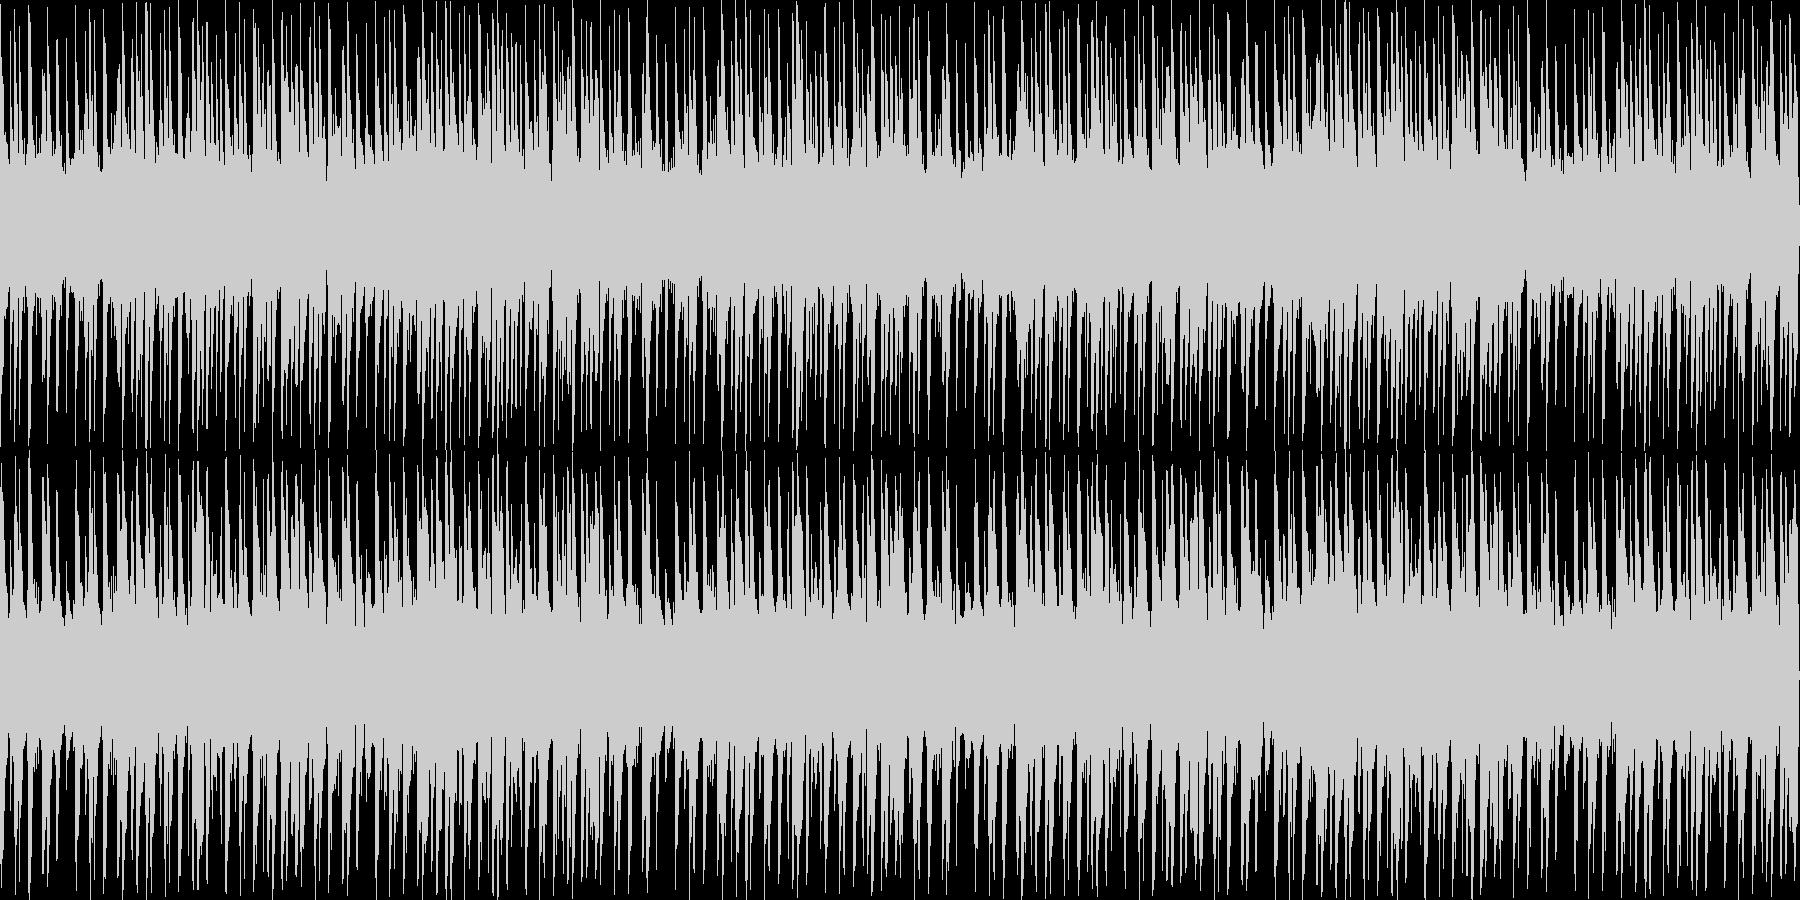 怪しい雰囲気のビートの未再生の波形